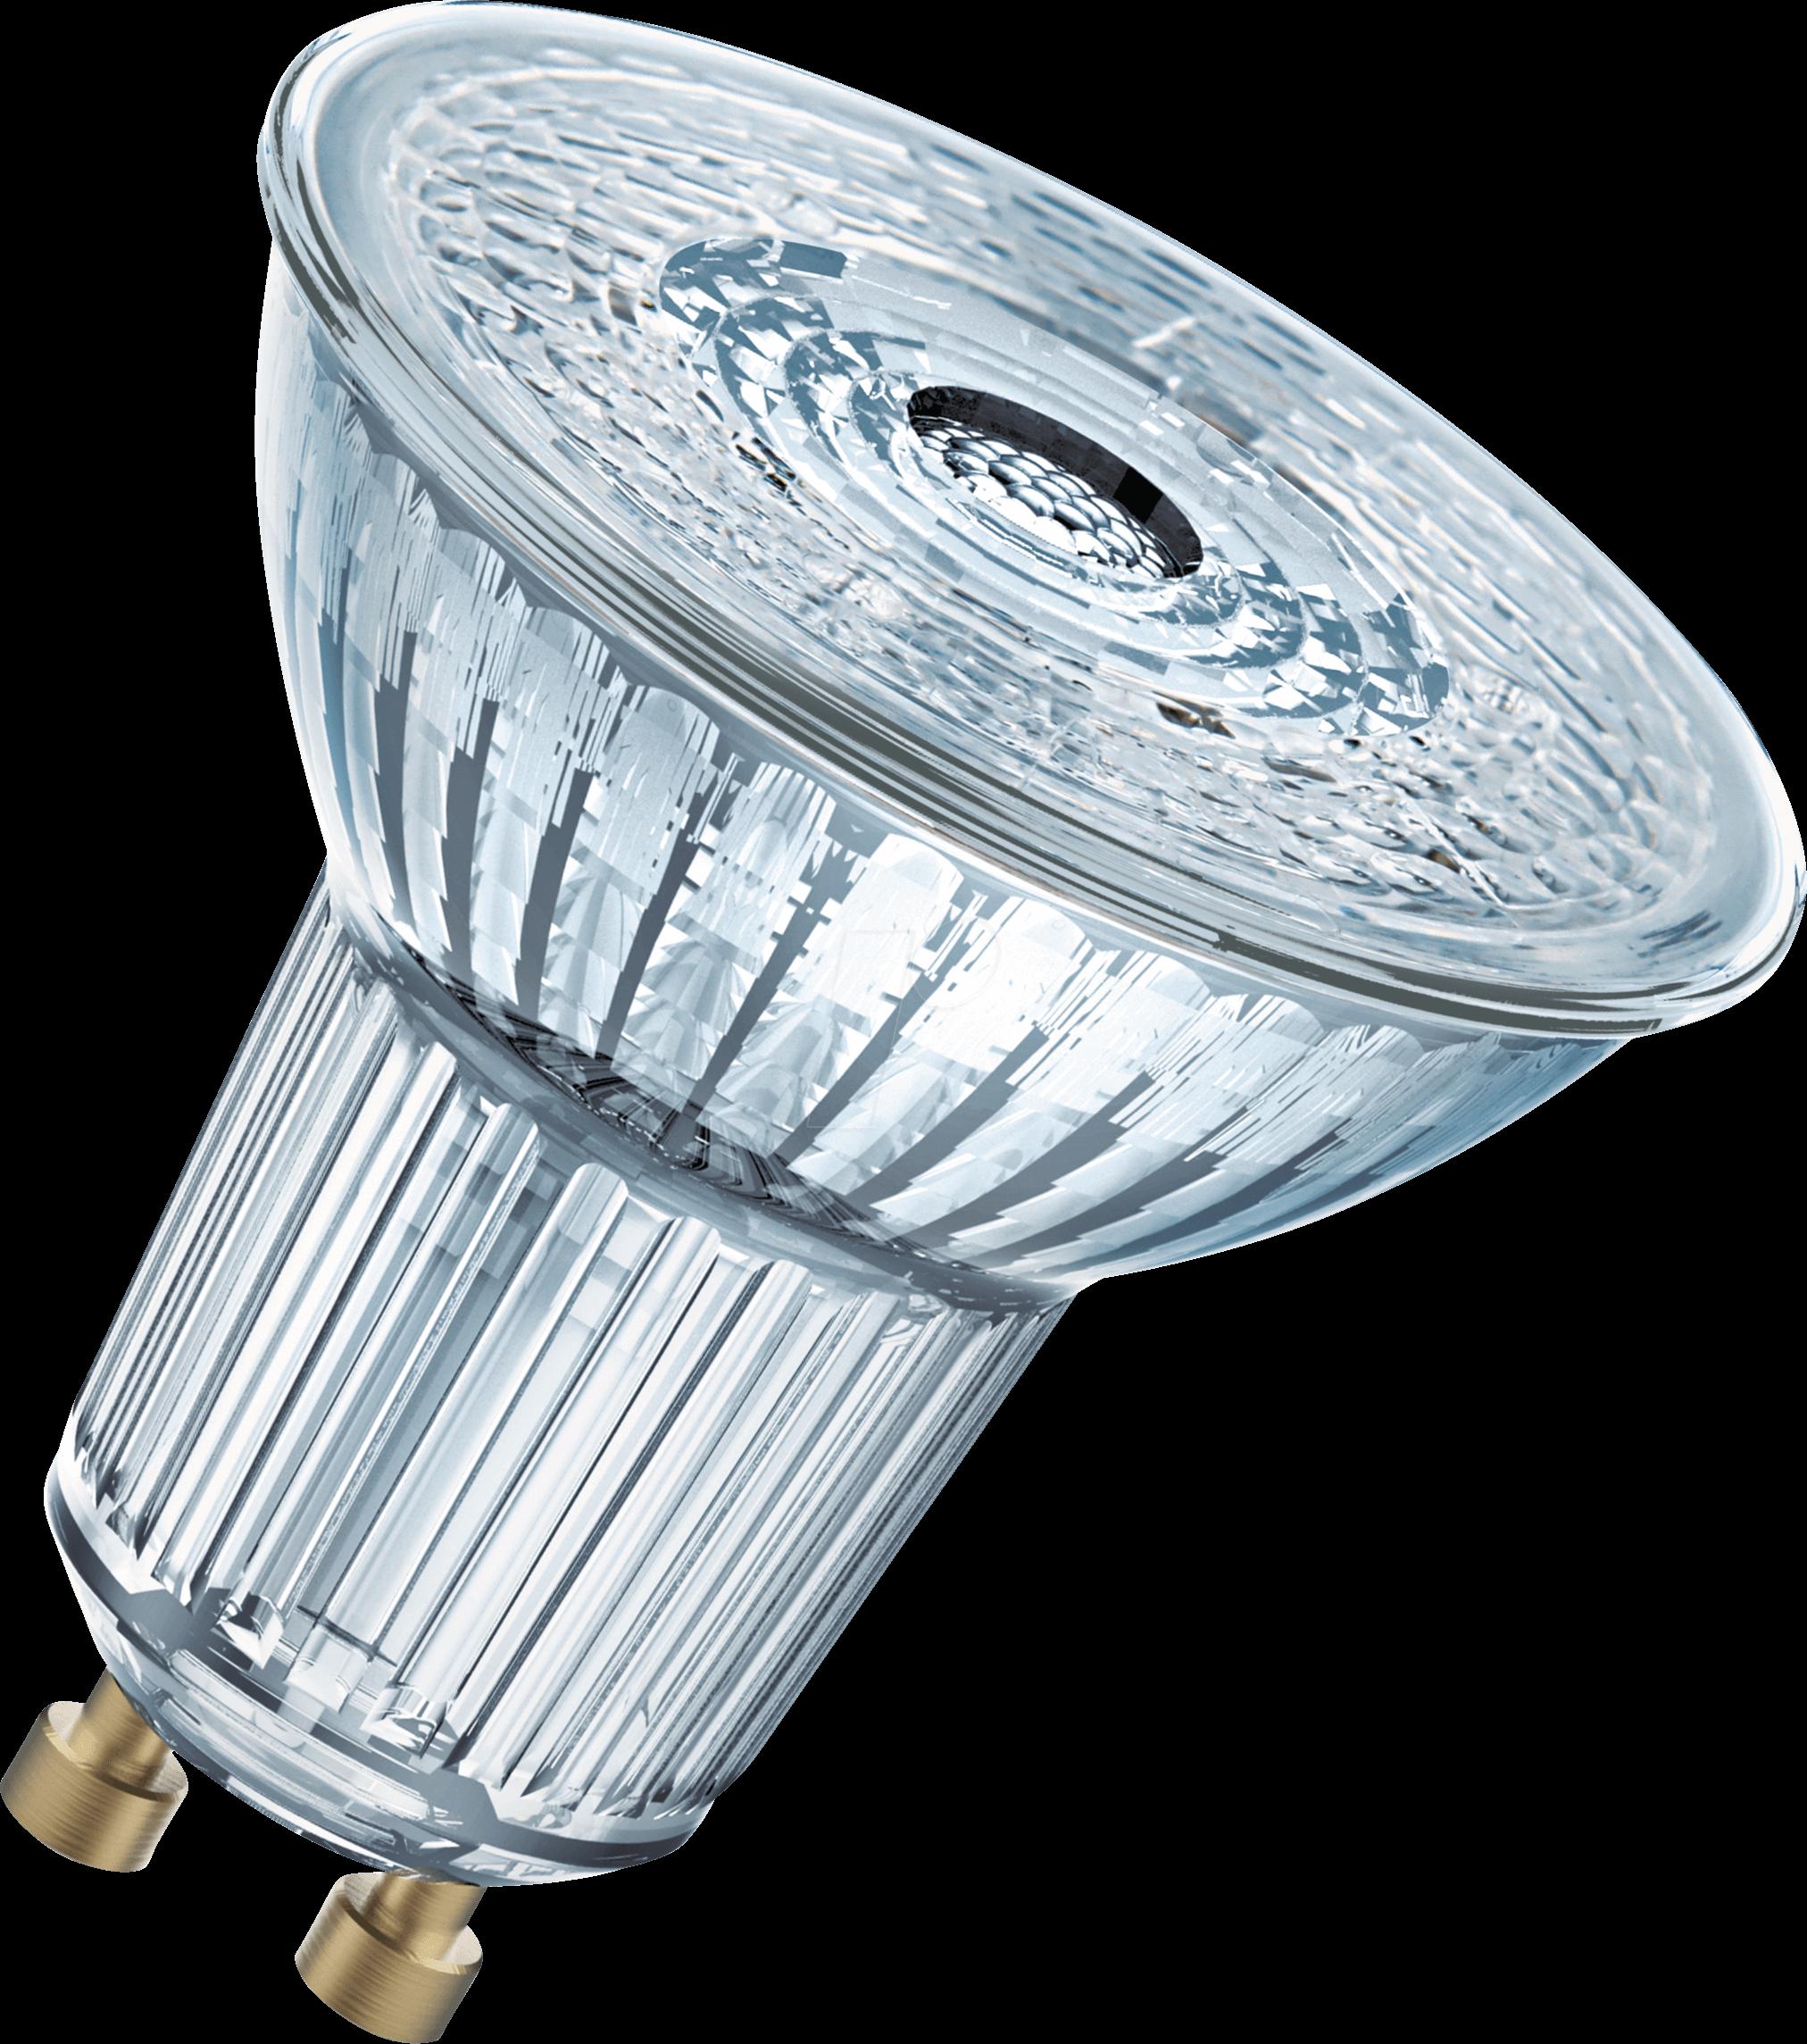 OSR 405289997392 - LED-Strahler GU10, 2,6 W, 230 lm, 2700 K